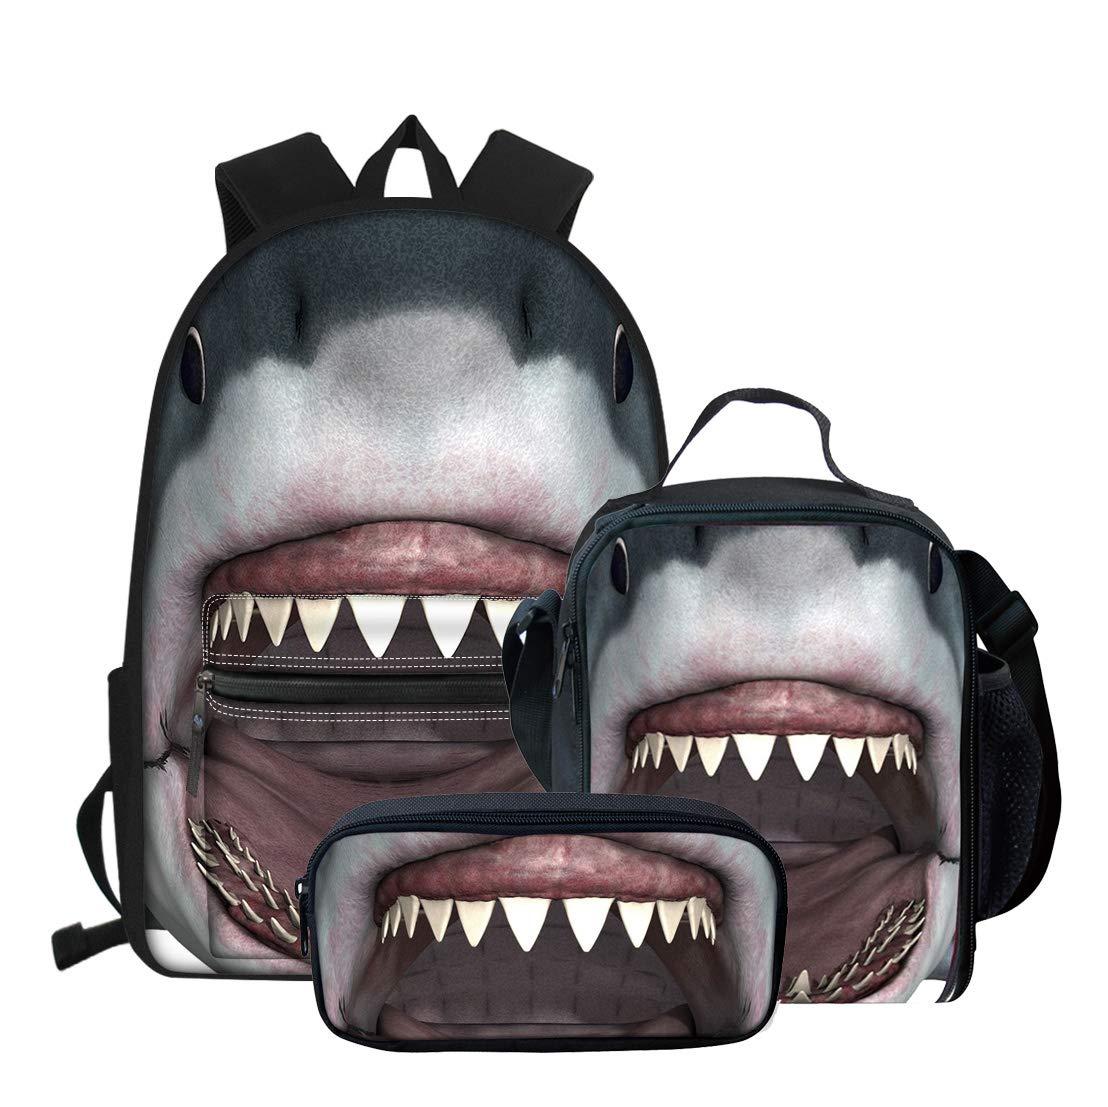 Novelty 3D Shark Printing Kids School Backpack Book-bag + Lunch Bag + Pencil Bag 3 Piece Set